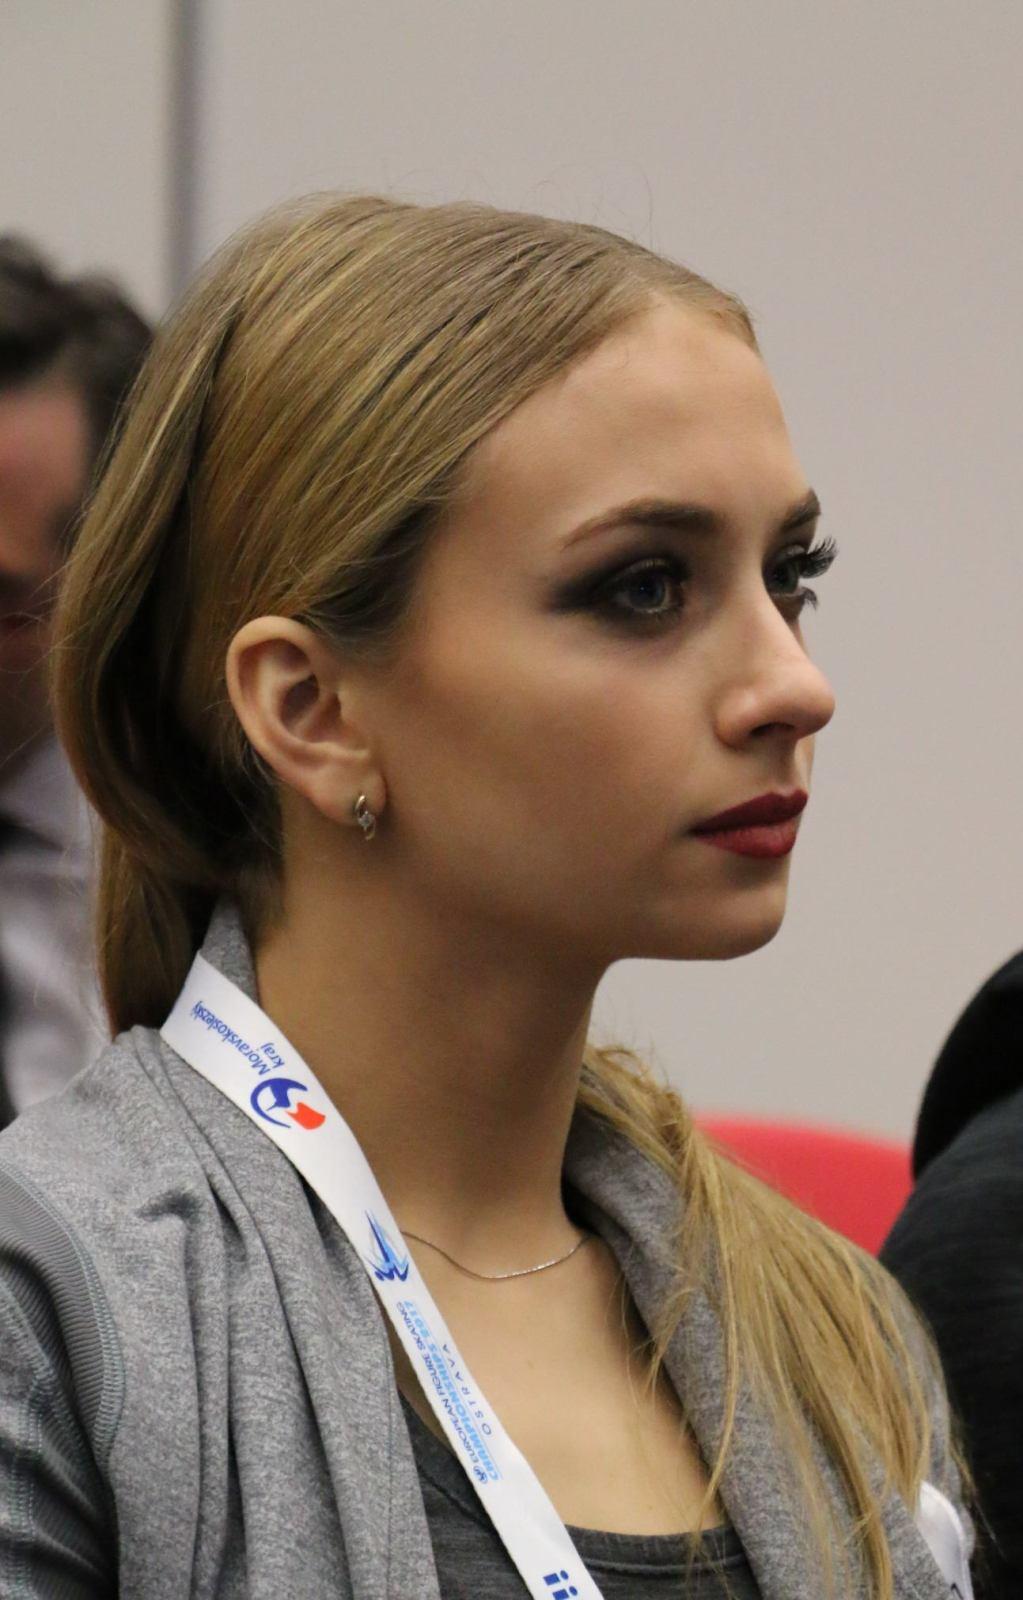 Виктория Синицина - Никита Кацалапов - 6 - Страница 4 F09md3